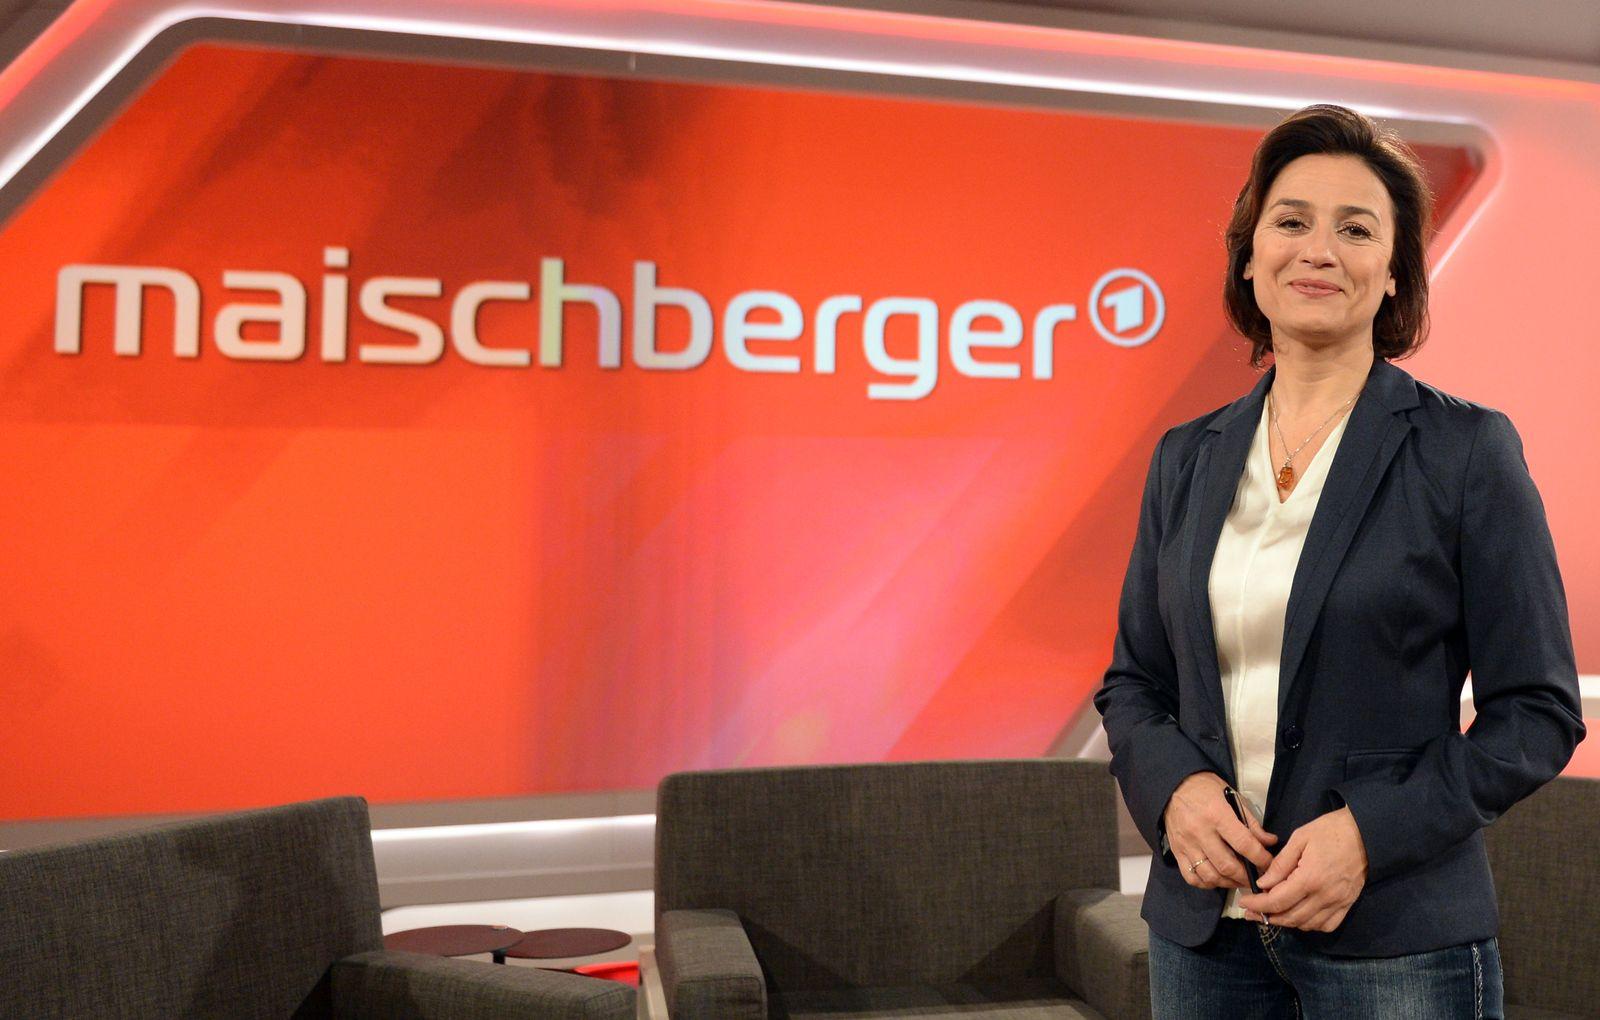 TV/ Sandra Maischberger